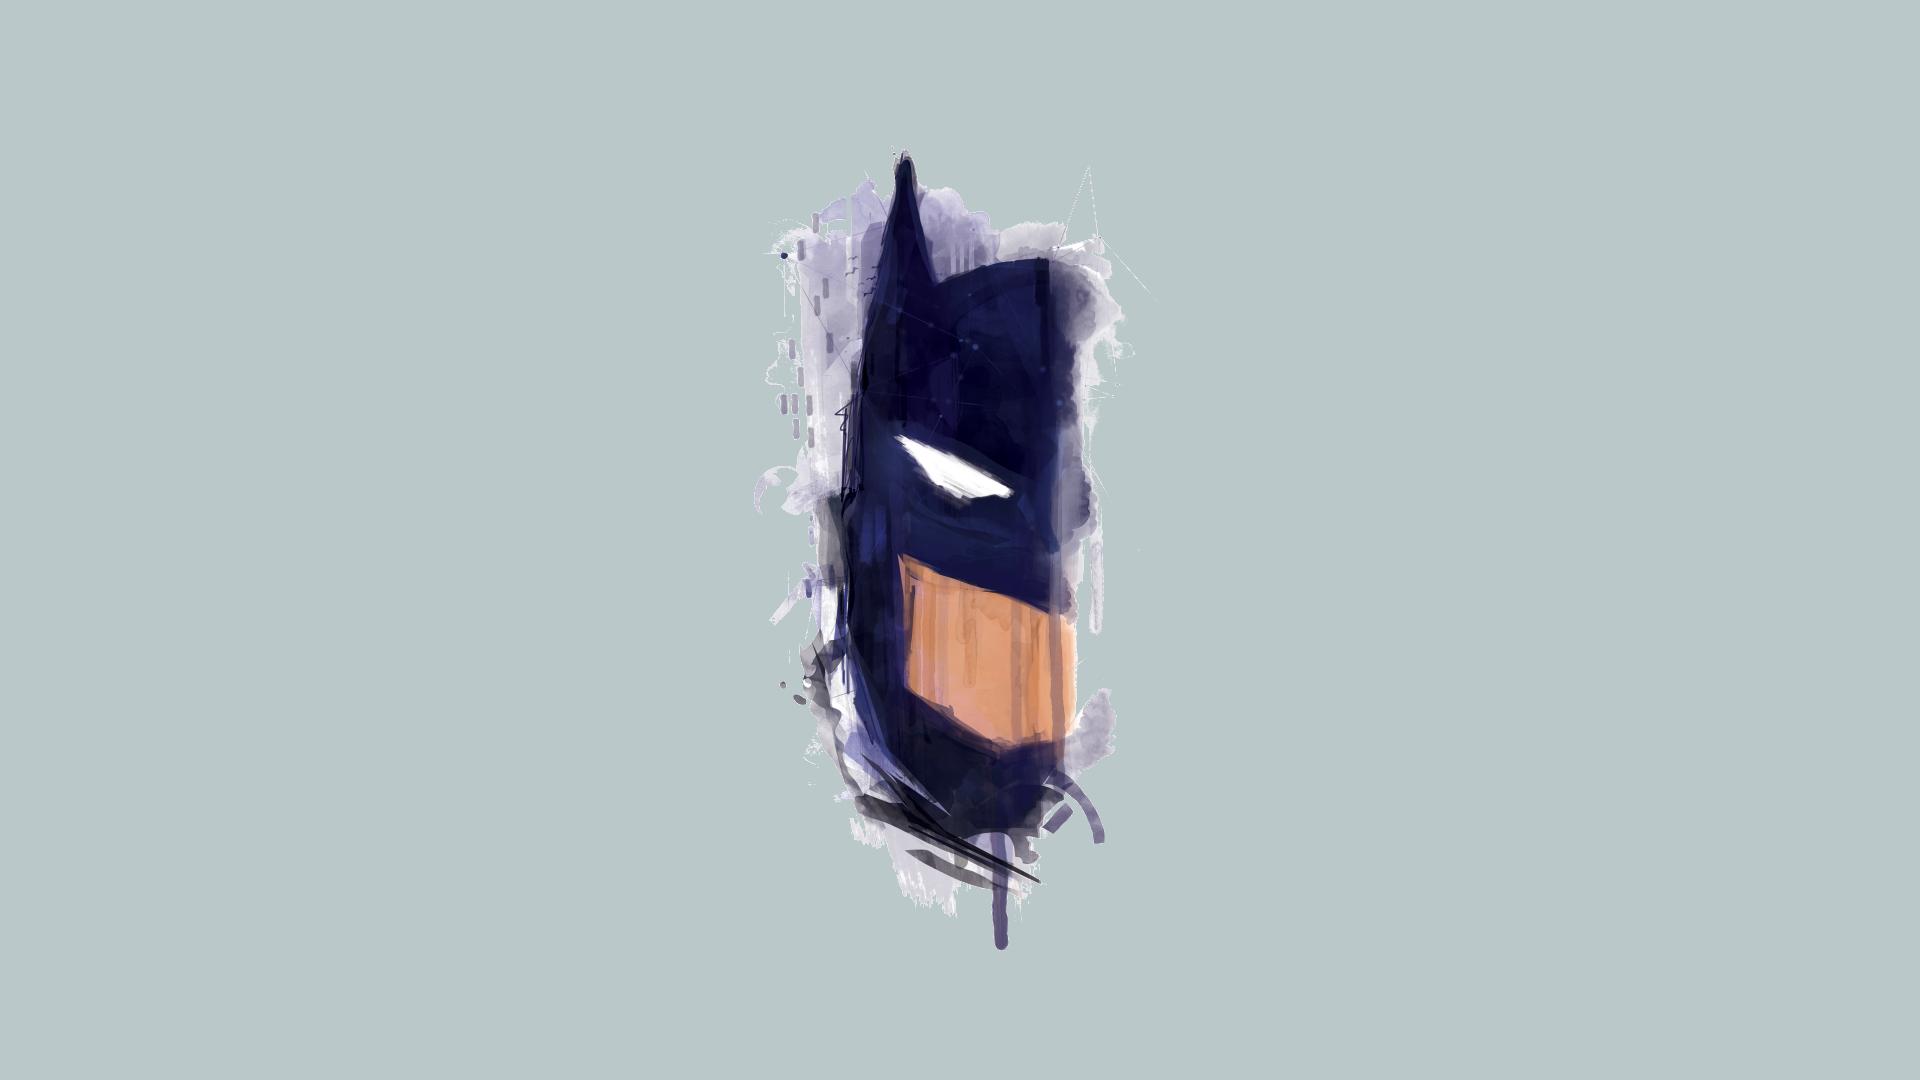 Comics Batman 1920x1080